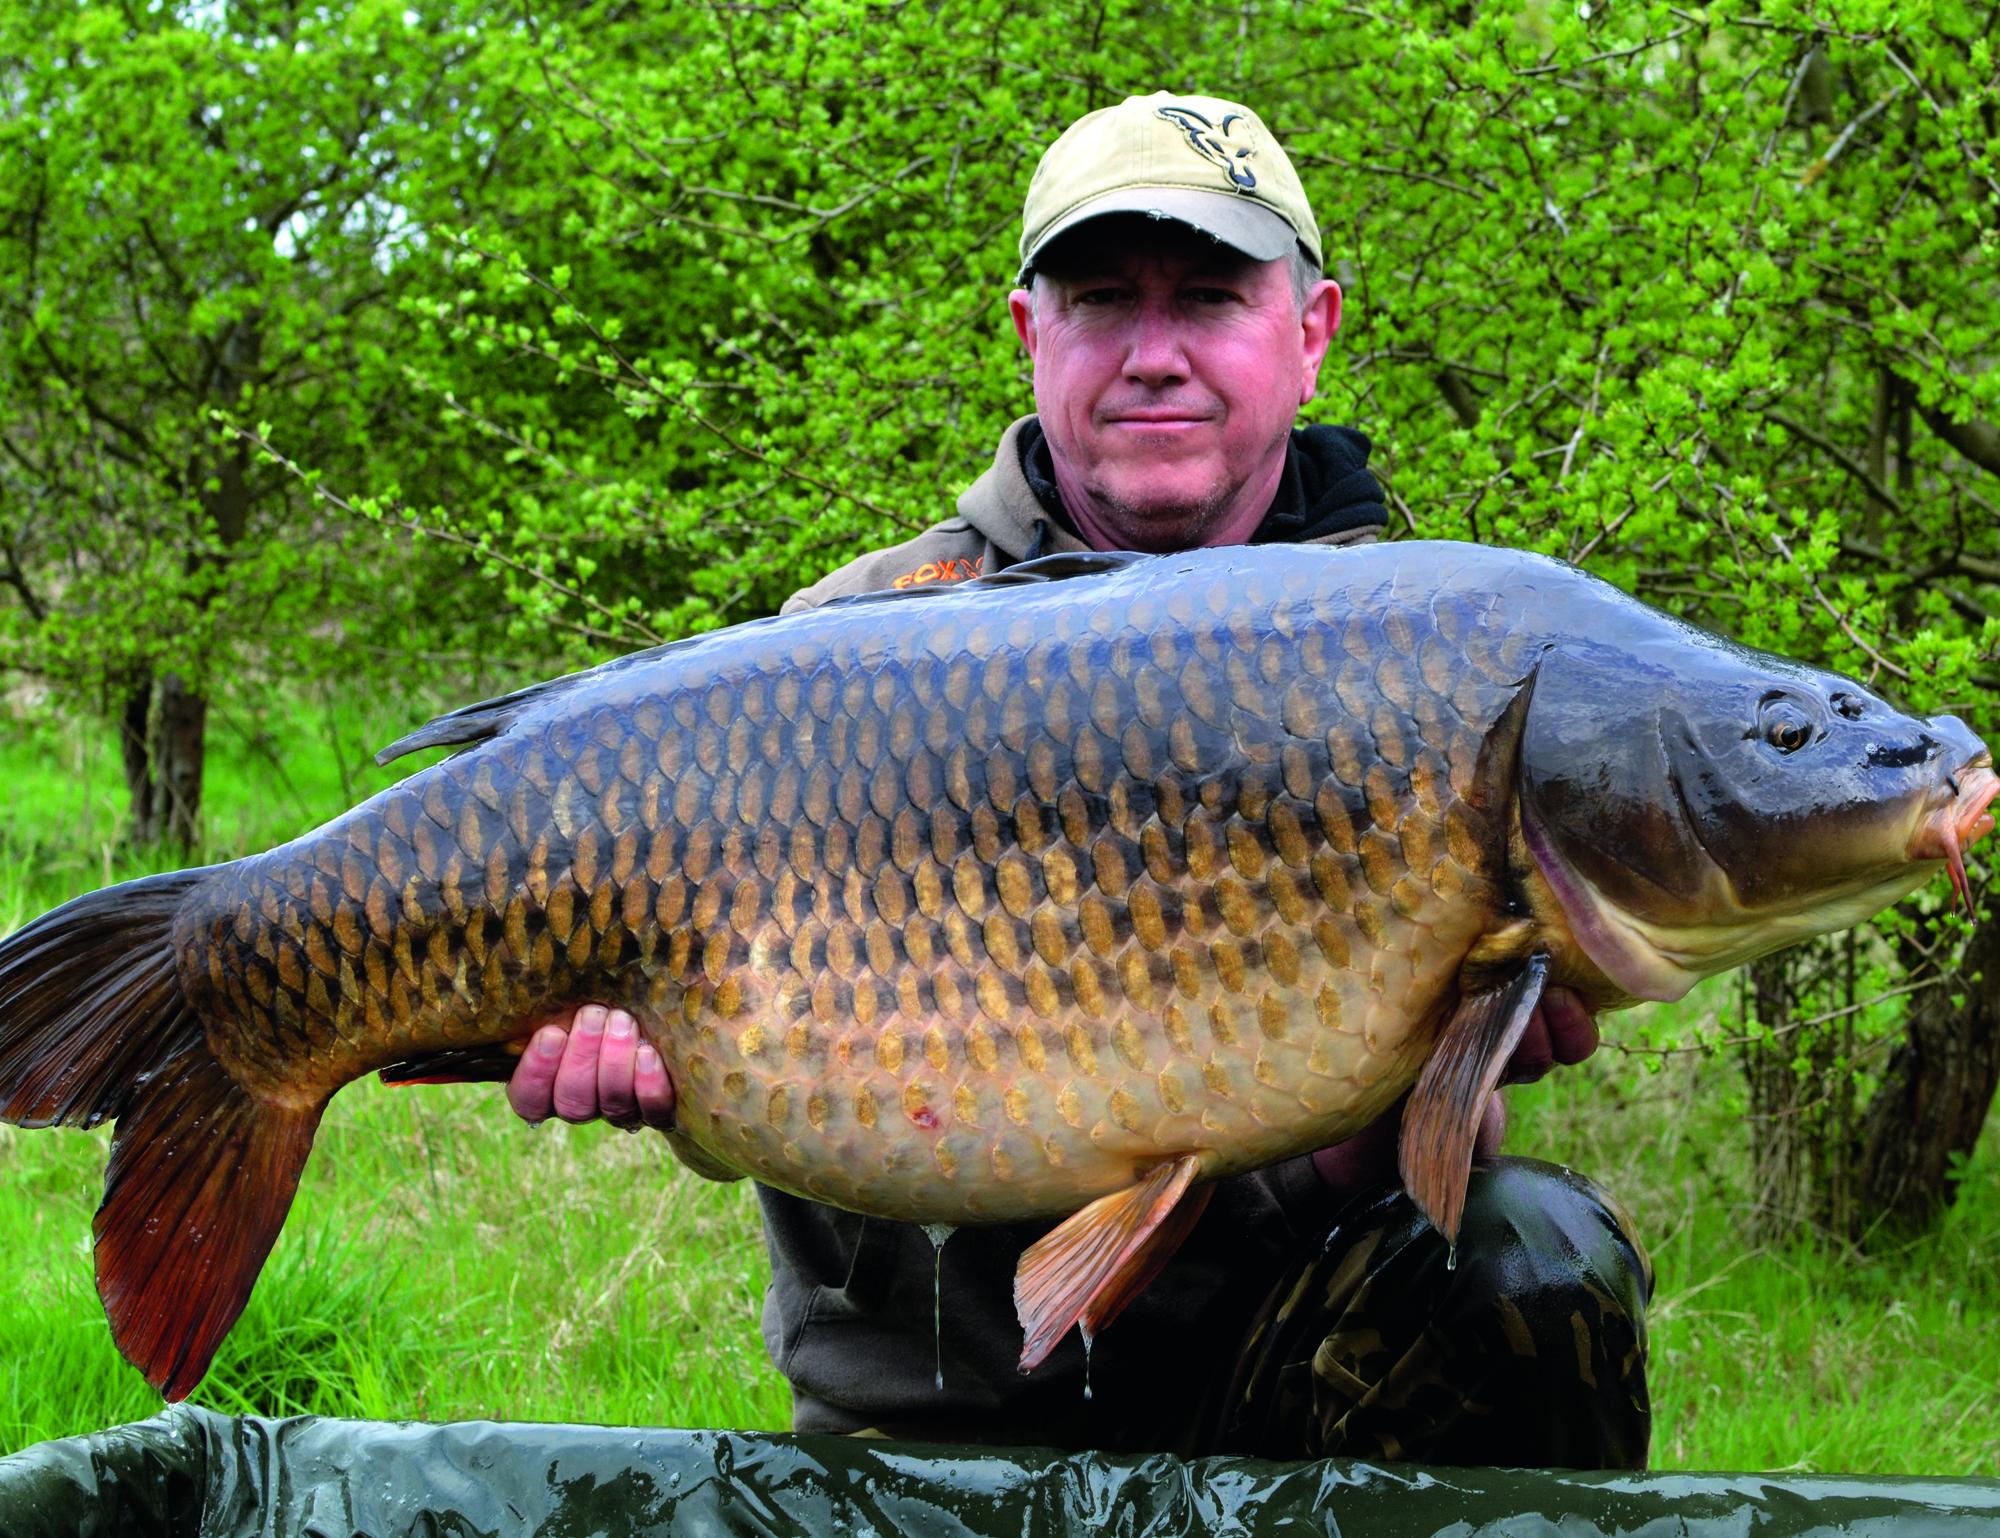 Monster brace of common carp